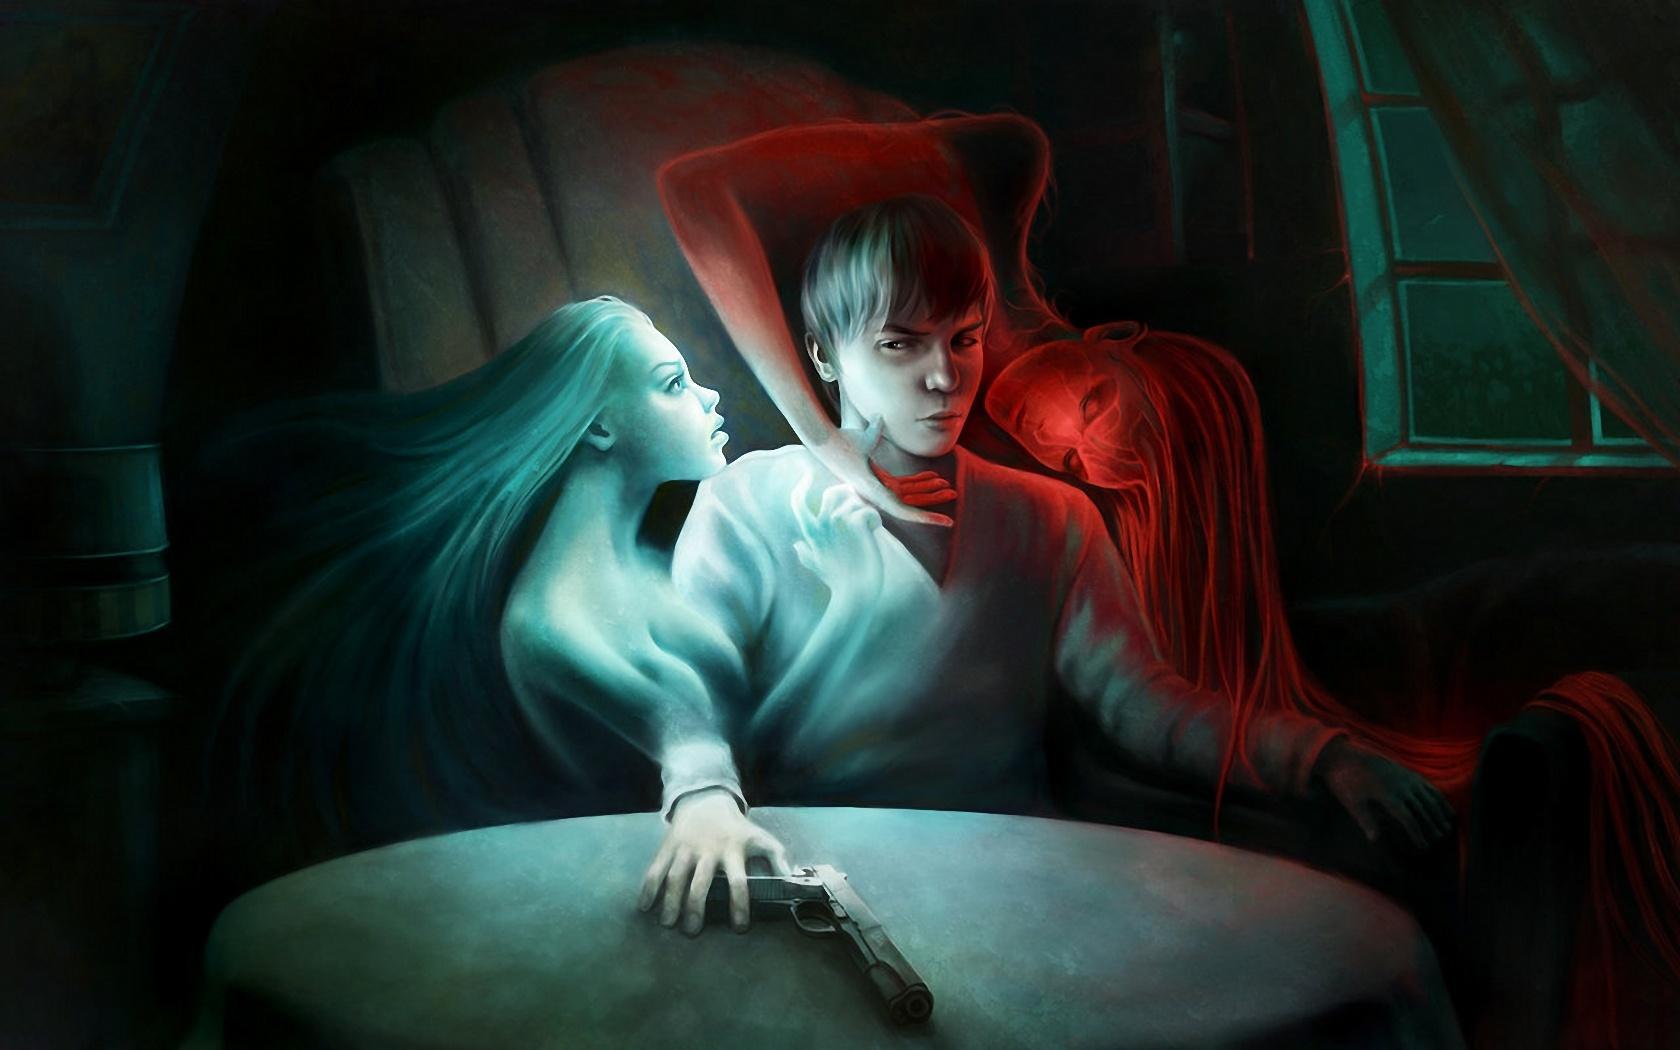 самые сексуальные картинки на тему ангелы и демоны